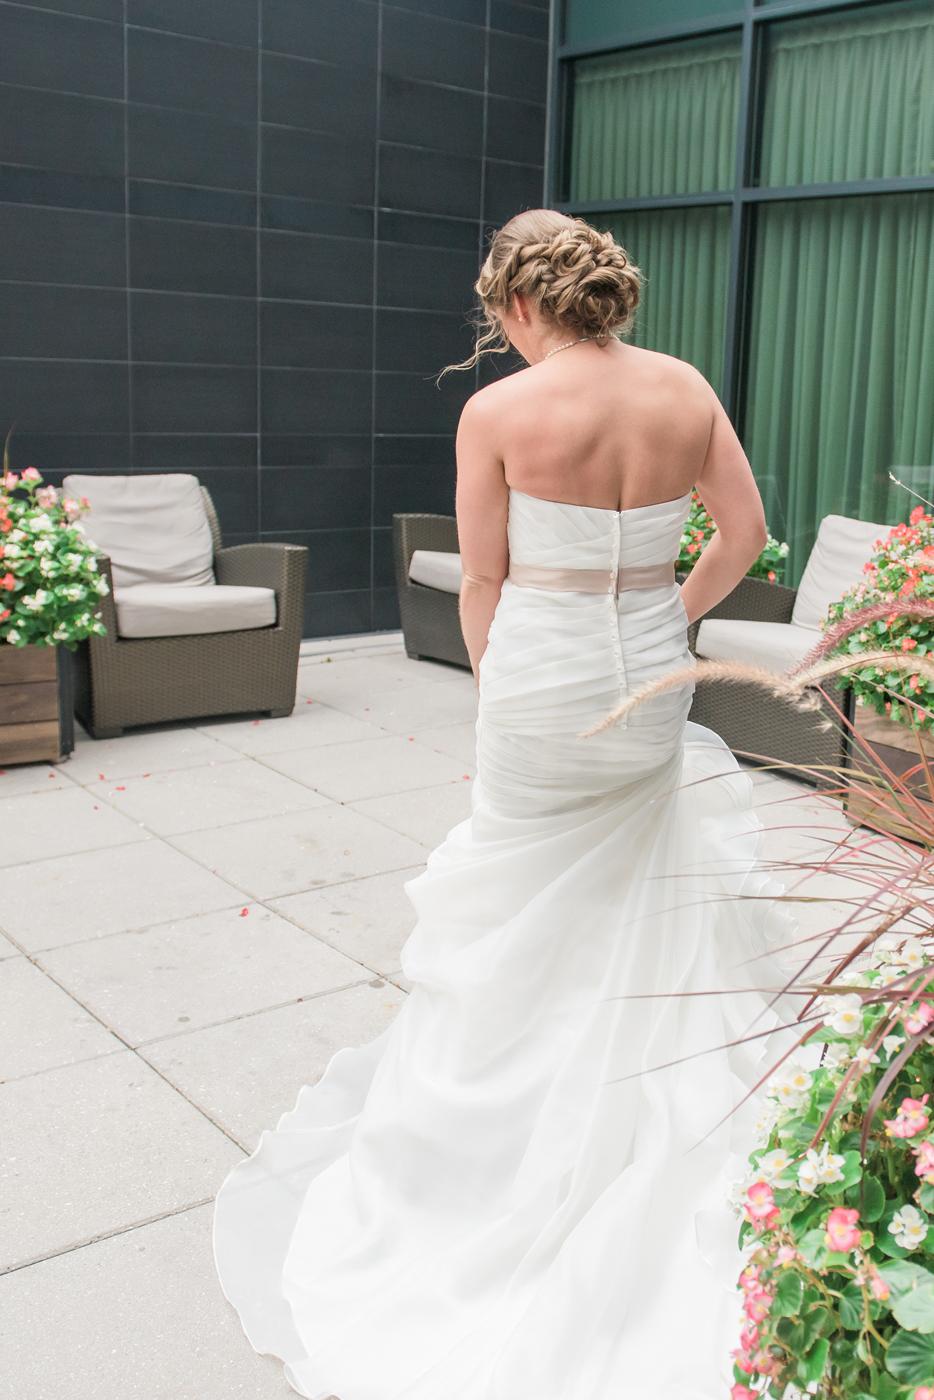 024-0093-jse-wedding-baltimore-3771